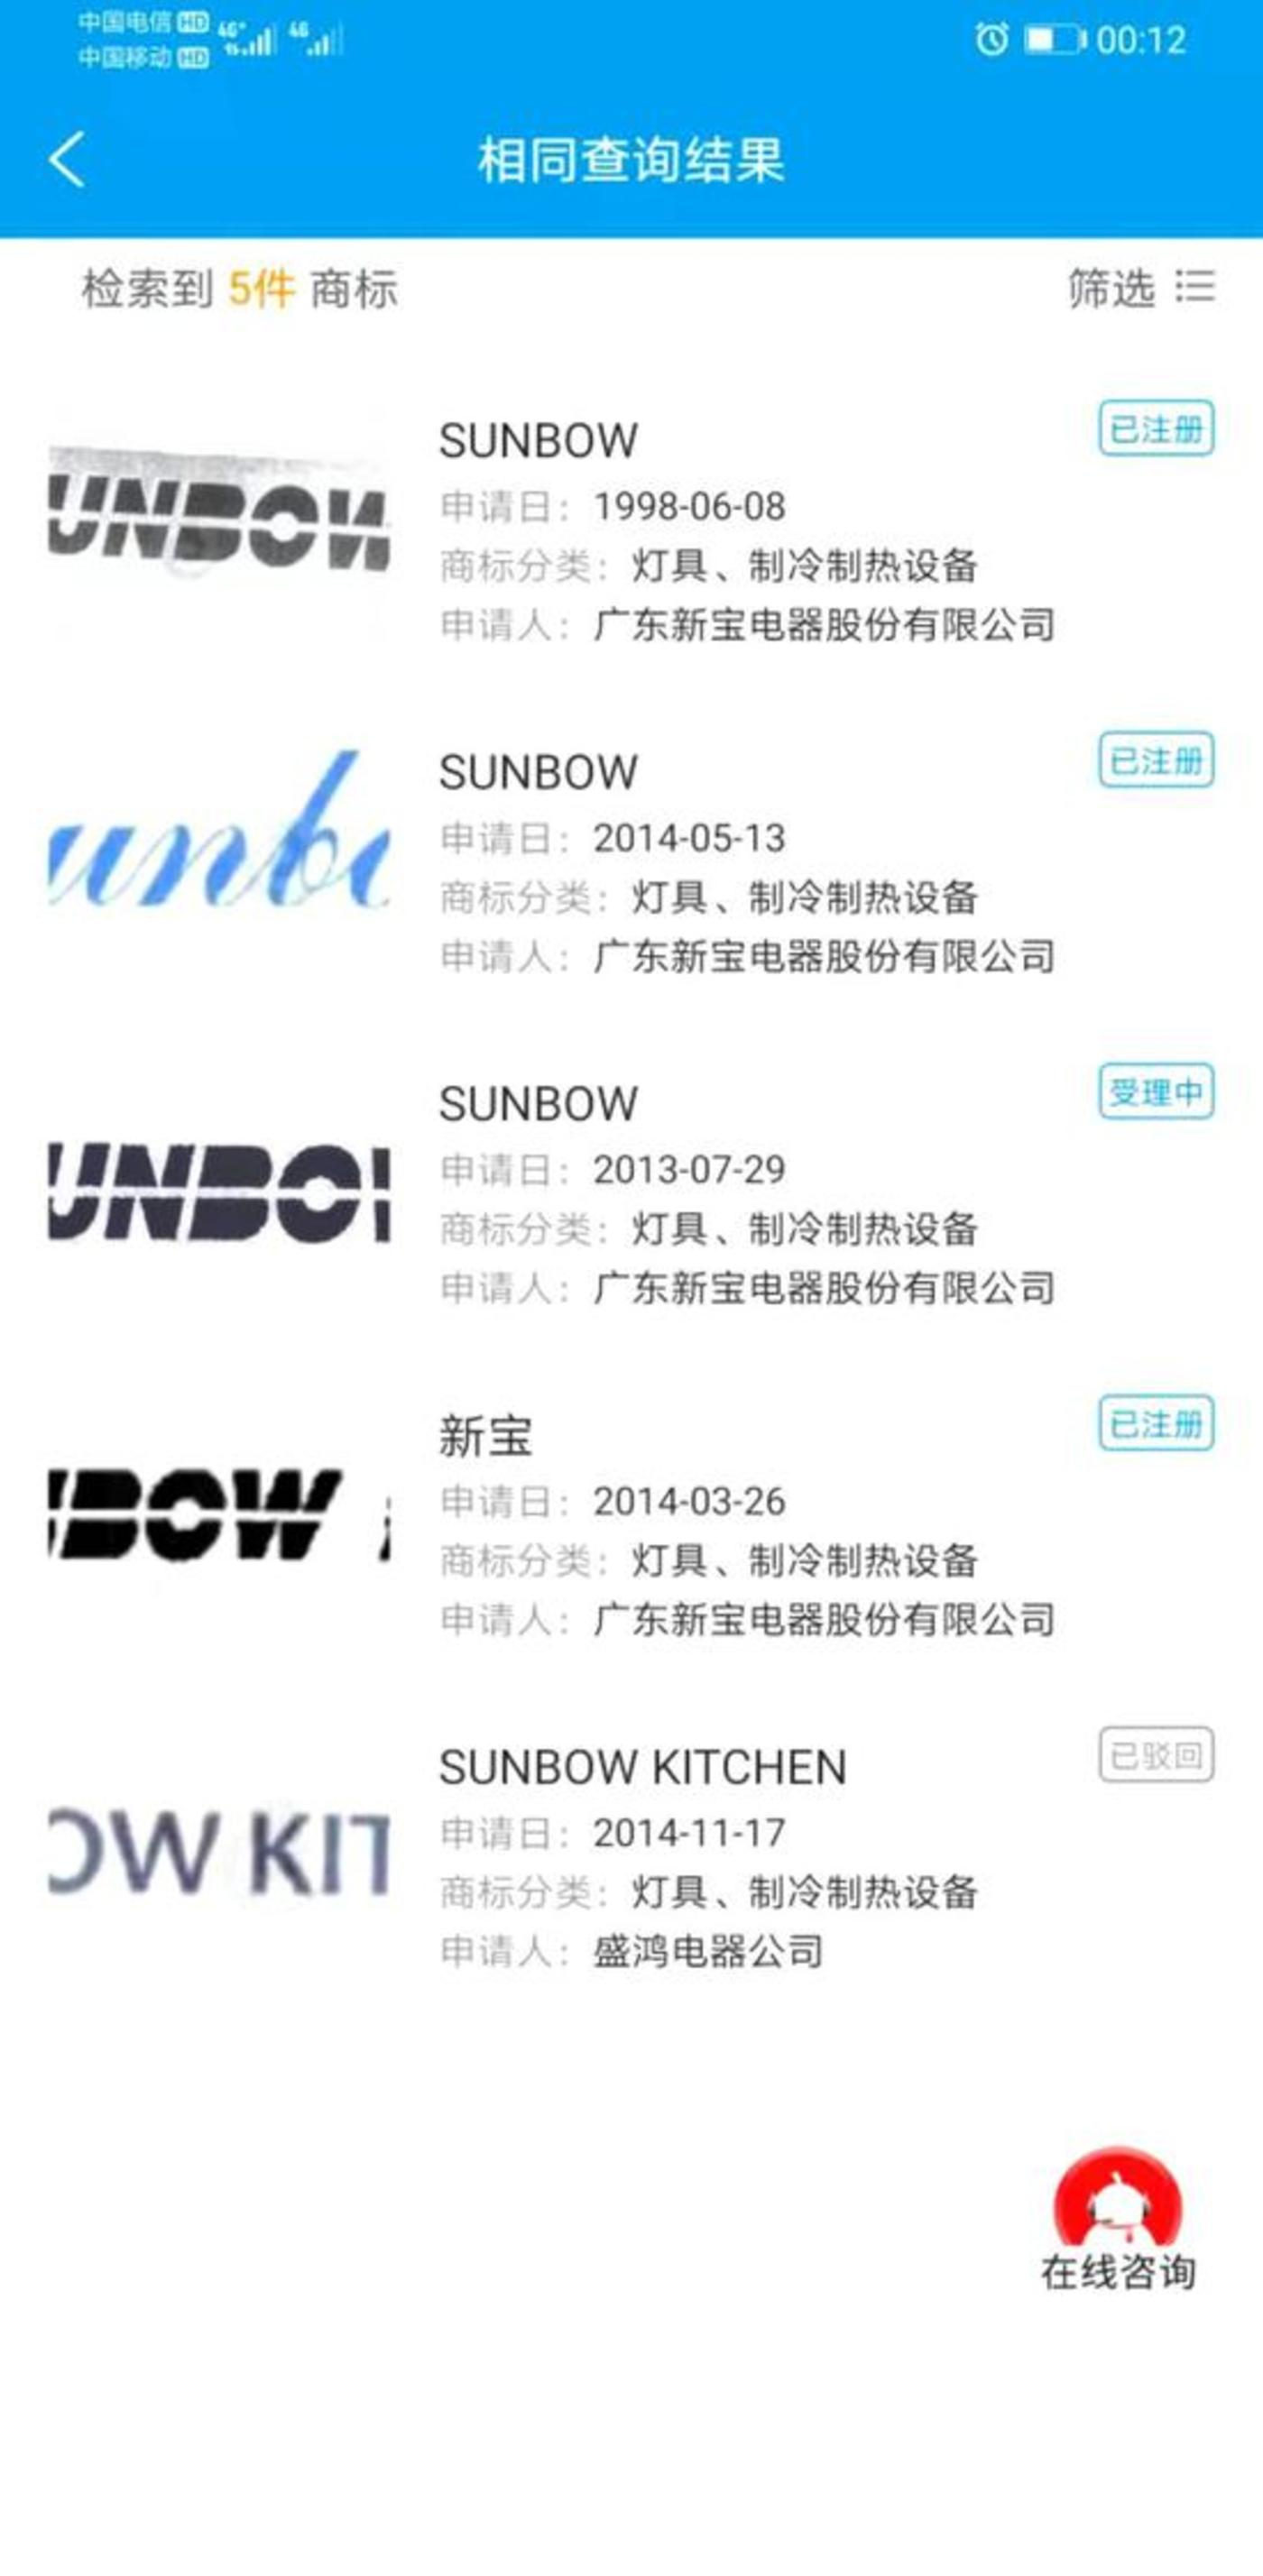 """格兰仕提供的新宝股份""""SUNBOW""""商标图"""